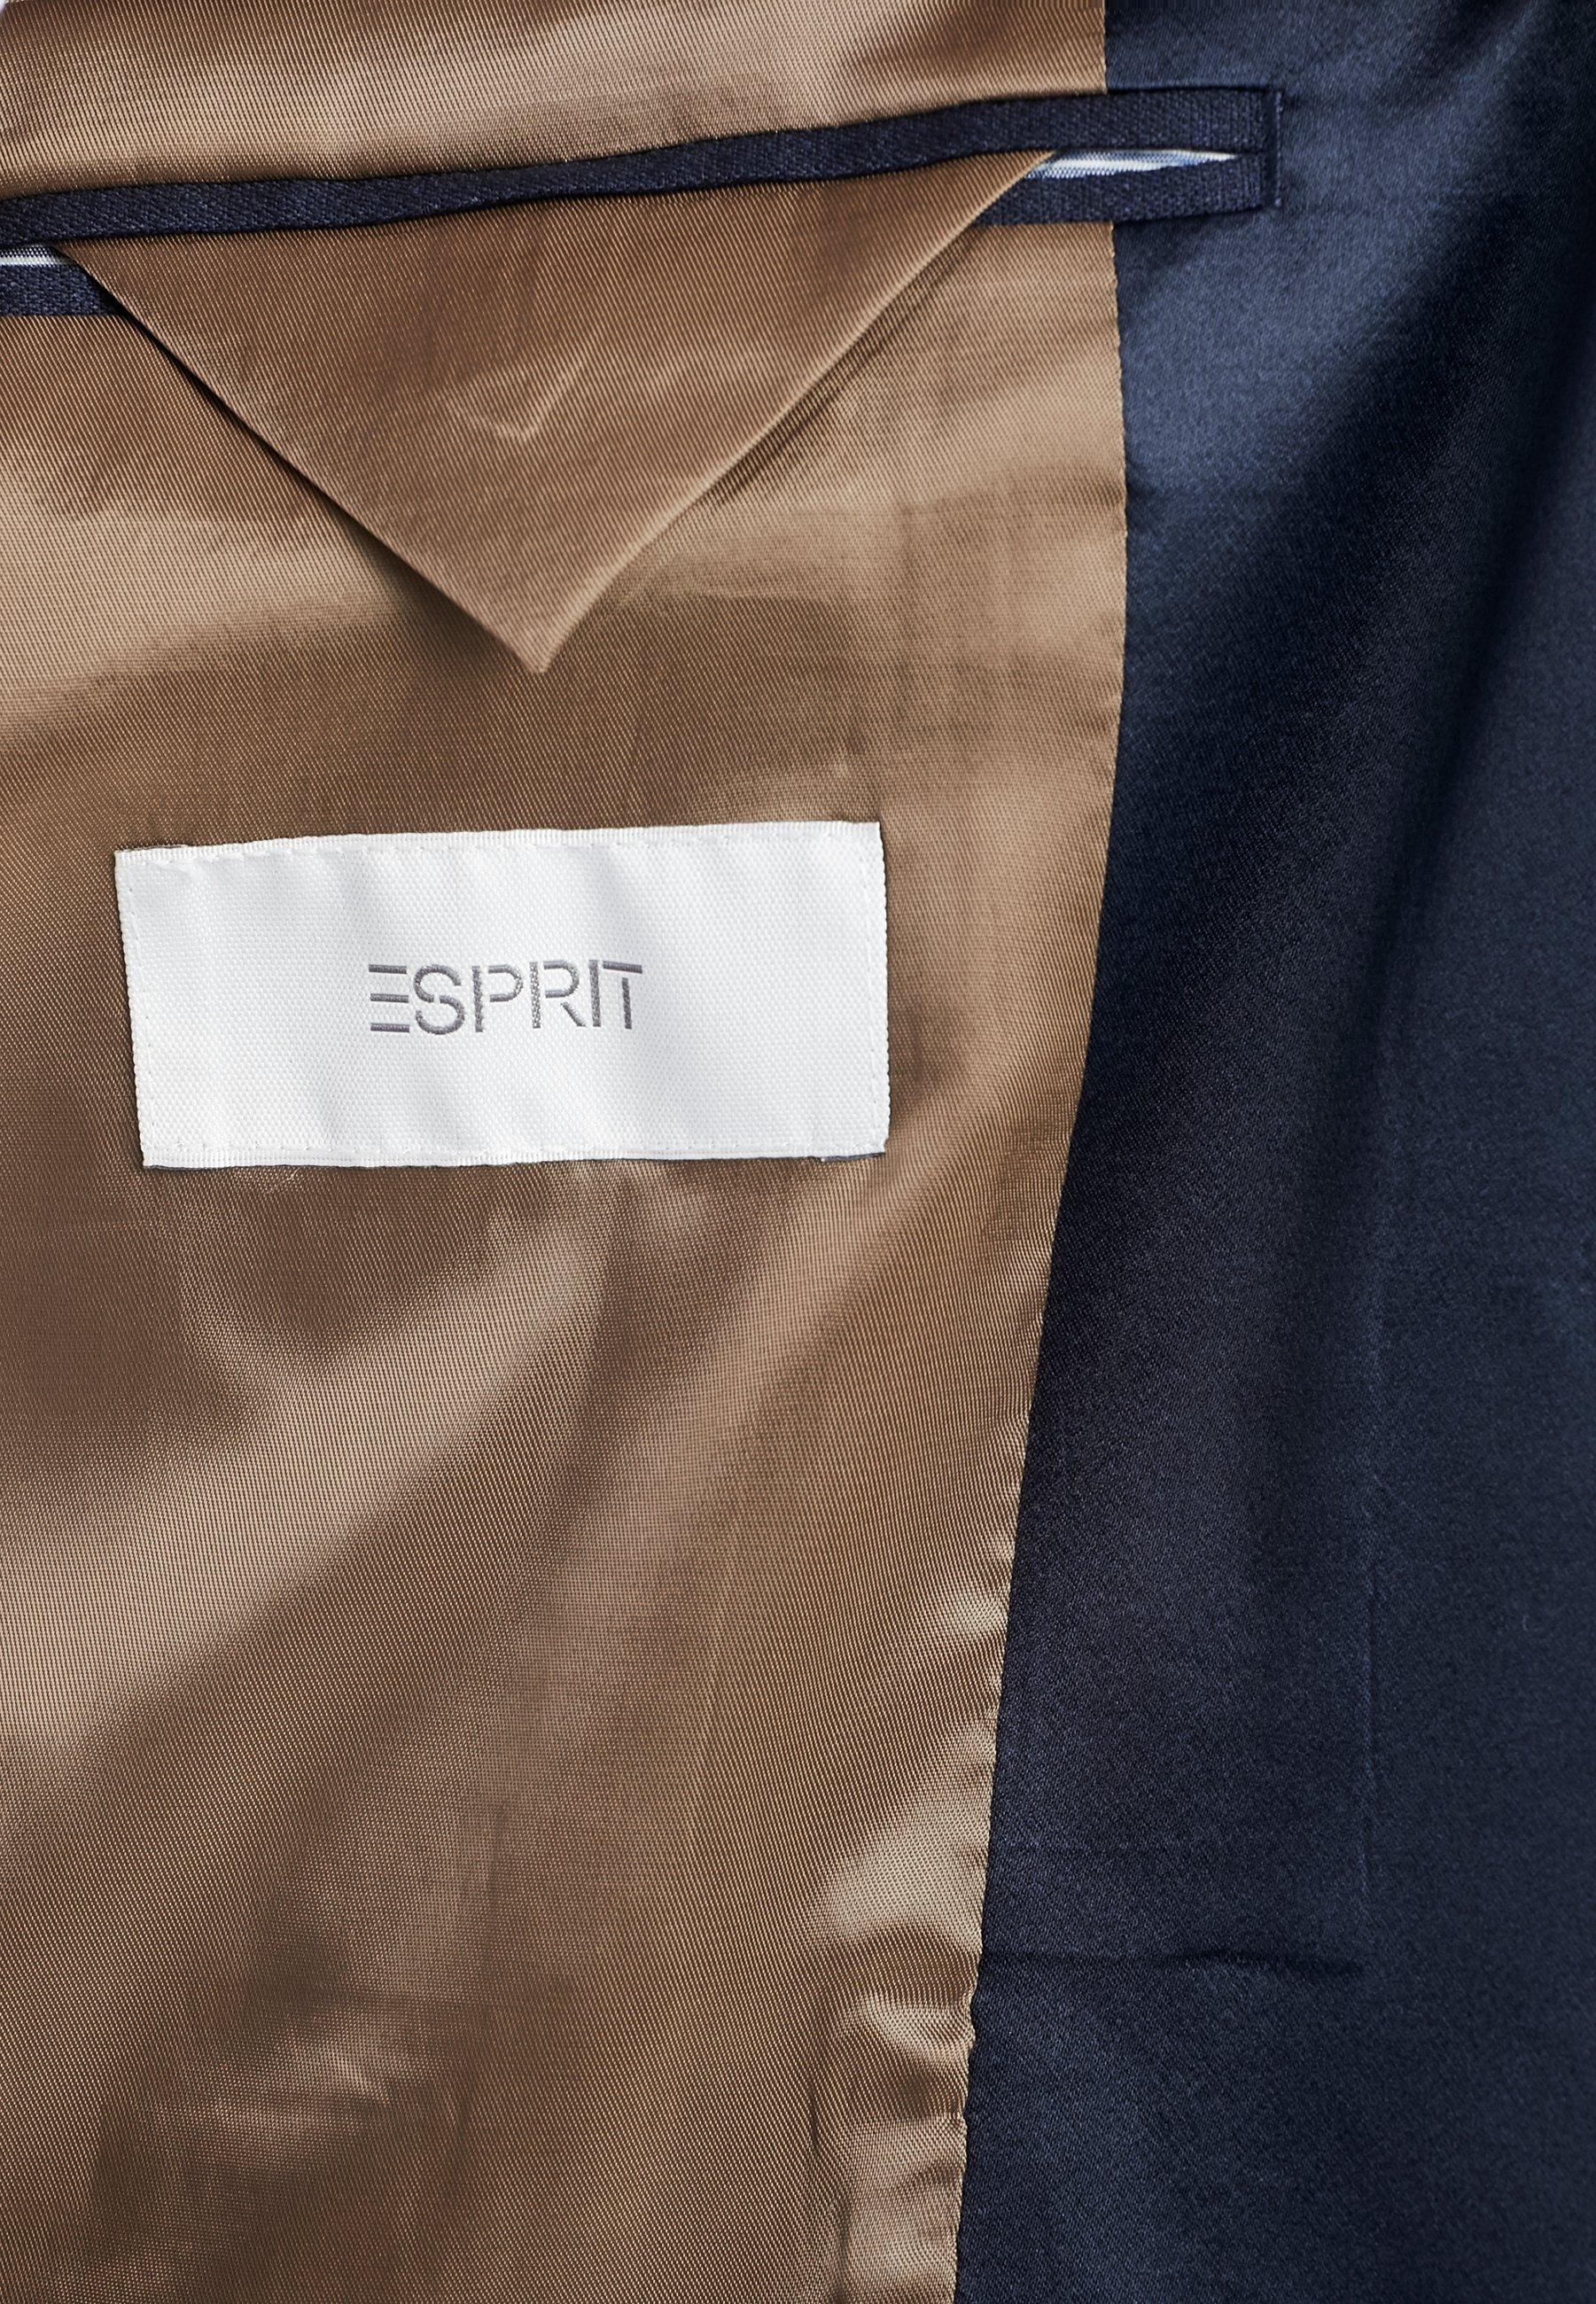 Alhaisen Hinnan Myynti Miesten vaatteet Sarja dfKJIUp97454sfGHYHD Esprit Collection SMOKING Puku navy